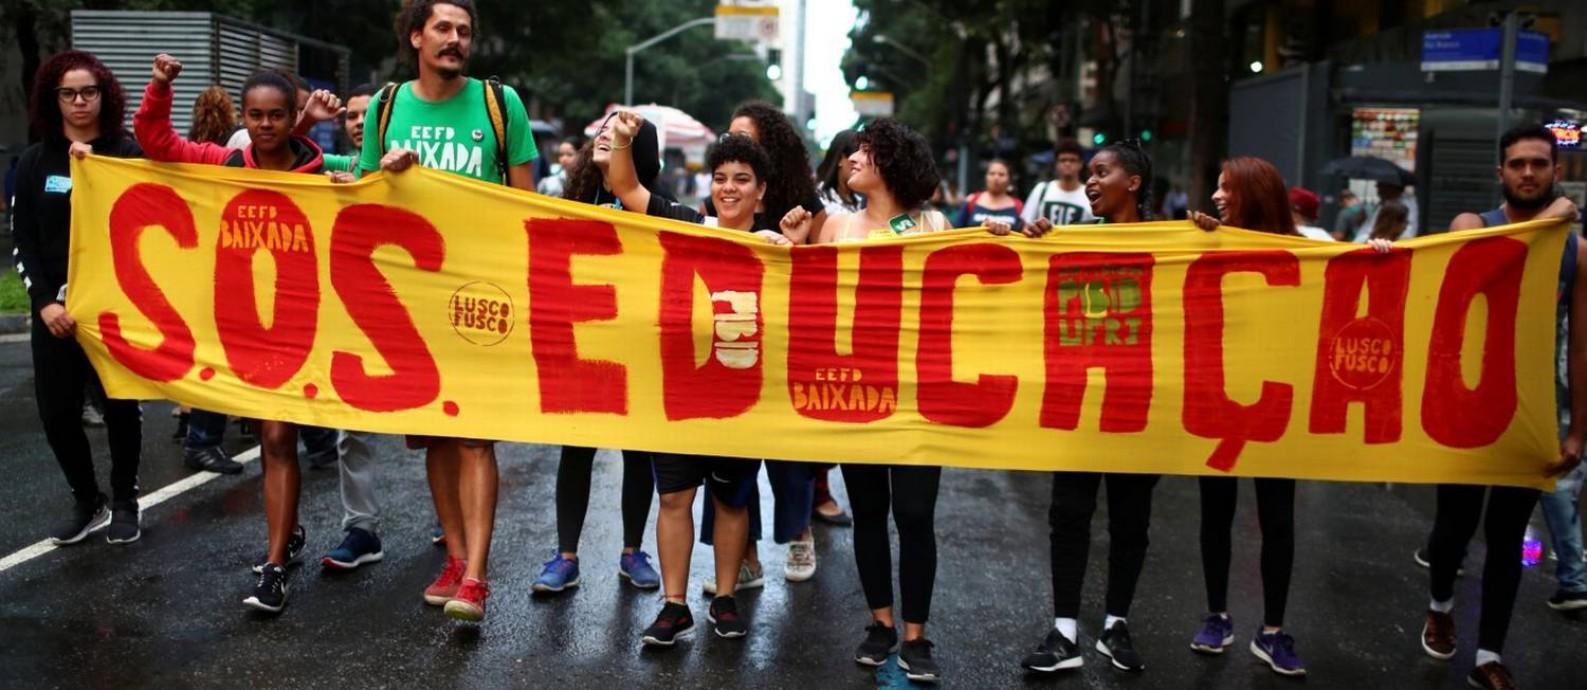 Manifestantes protestam no centro do Rio, no dia 15 de maio, contra cortes na Educação Foto: PILAR OLIVARES/REUTERS/15/5-2019